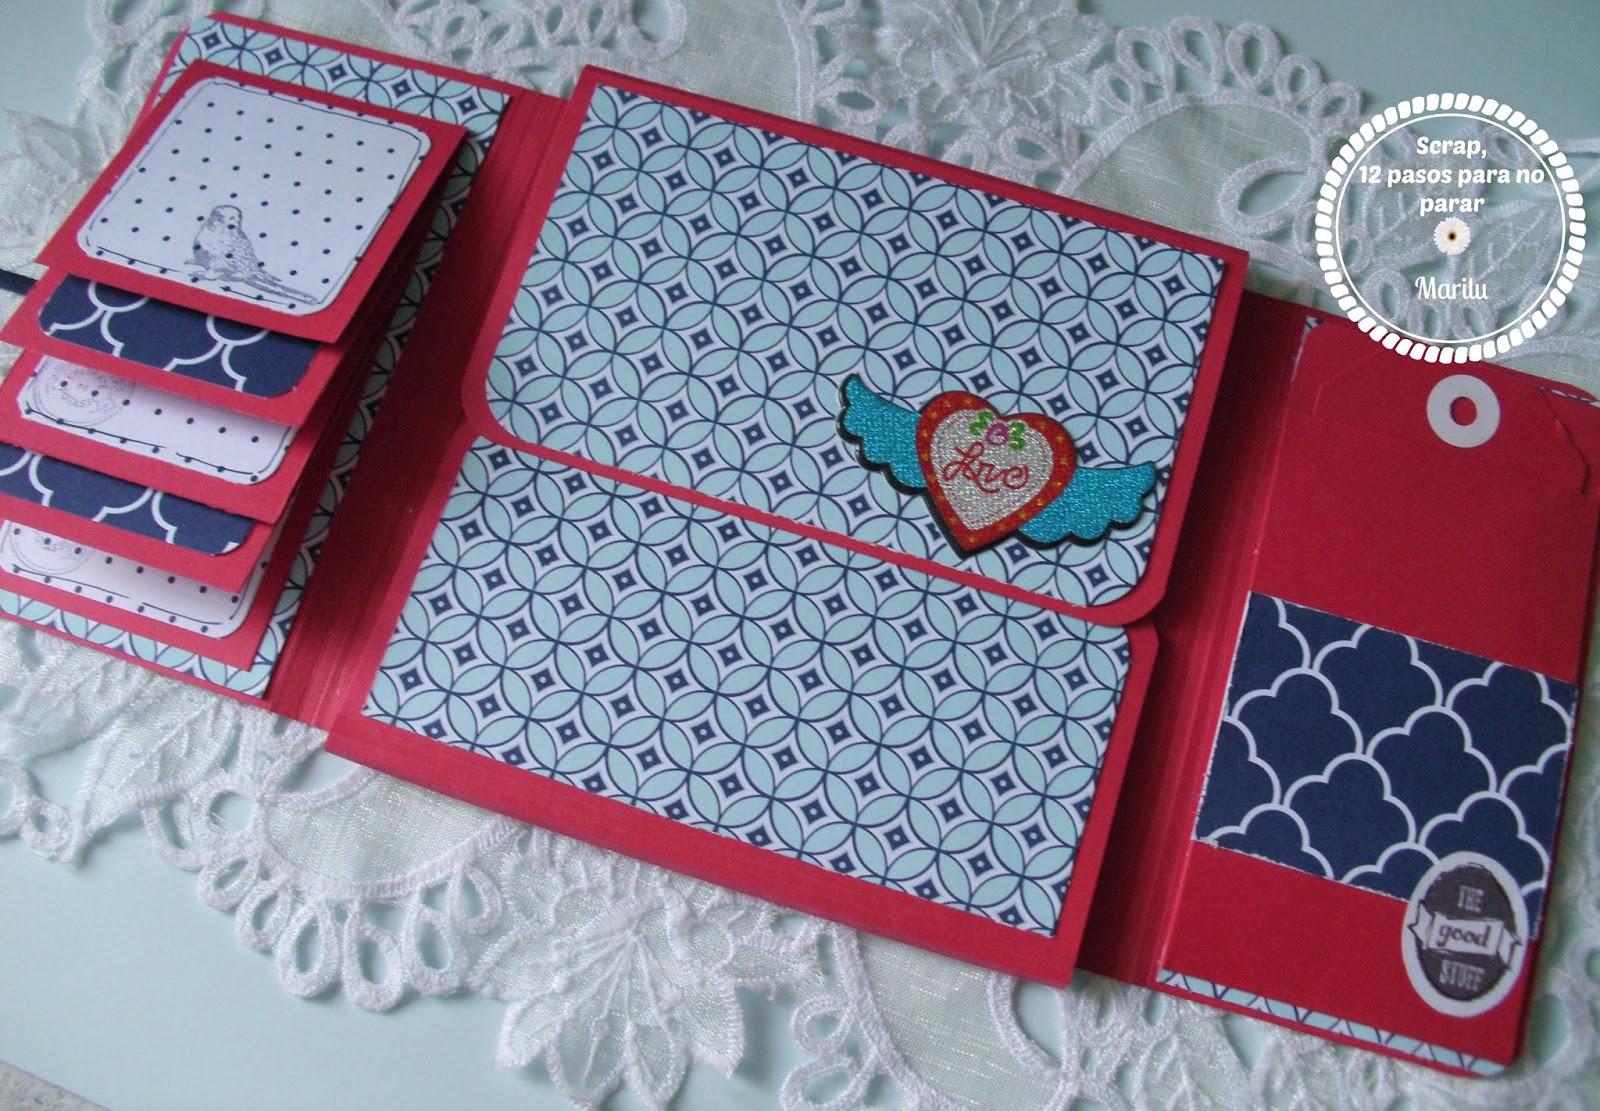 Scrap arts tutorial 1 descripci n mini lbum memory fold - Decoracion de album de fotos ...